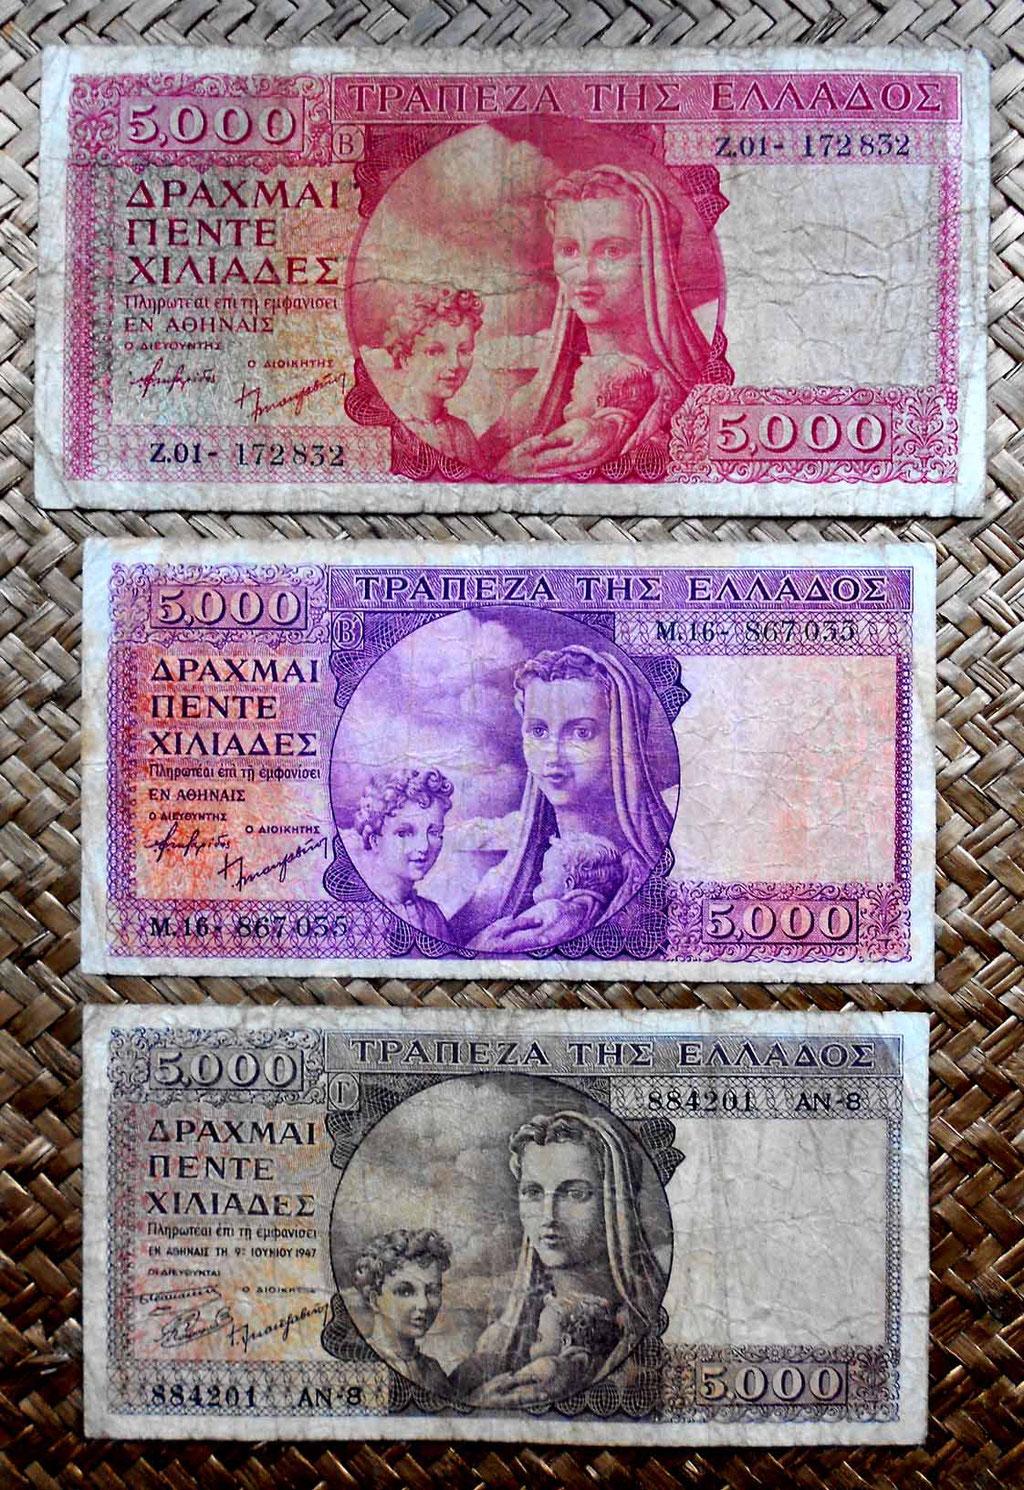 Grecia 5000 dracmas 1945 vs. 5000 dracmas 1947 vs. 5000 dracmas jun-1947 anversos